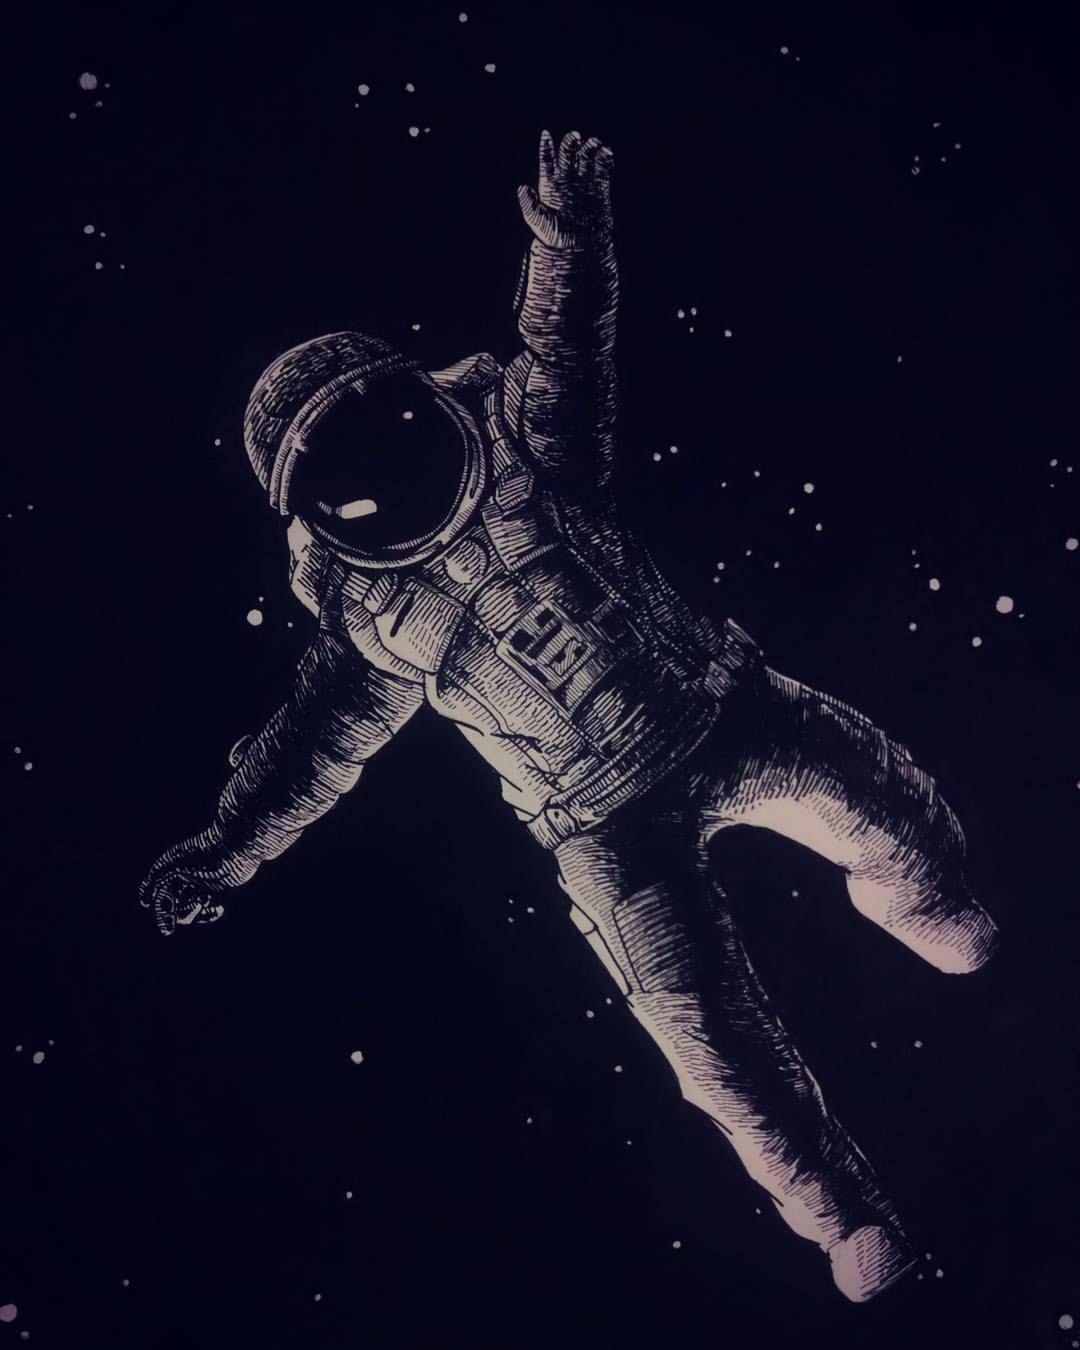 Astronautas, Fondos